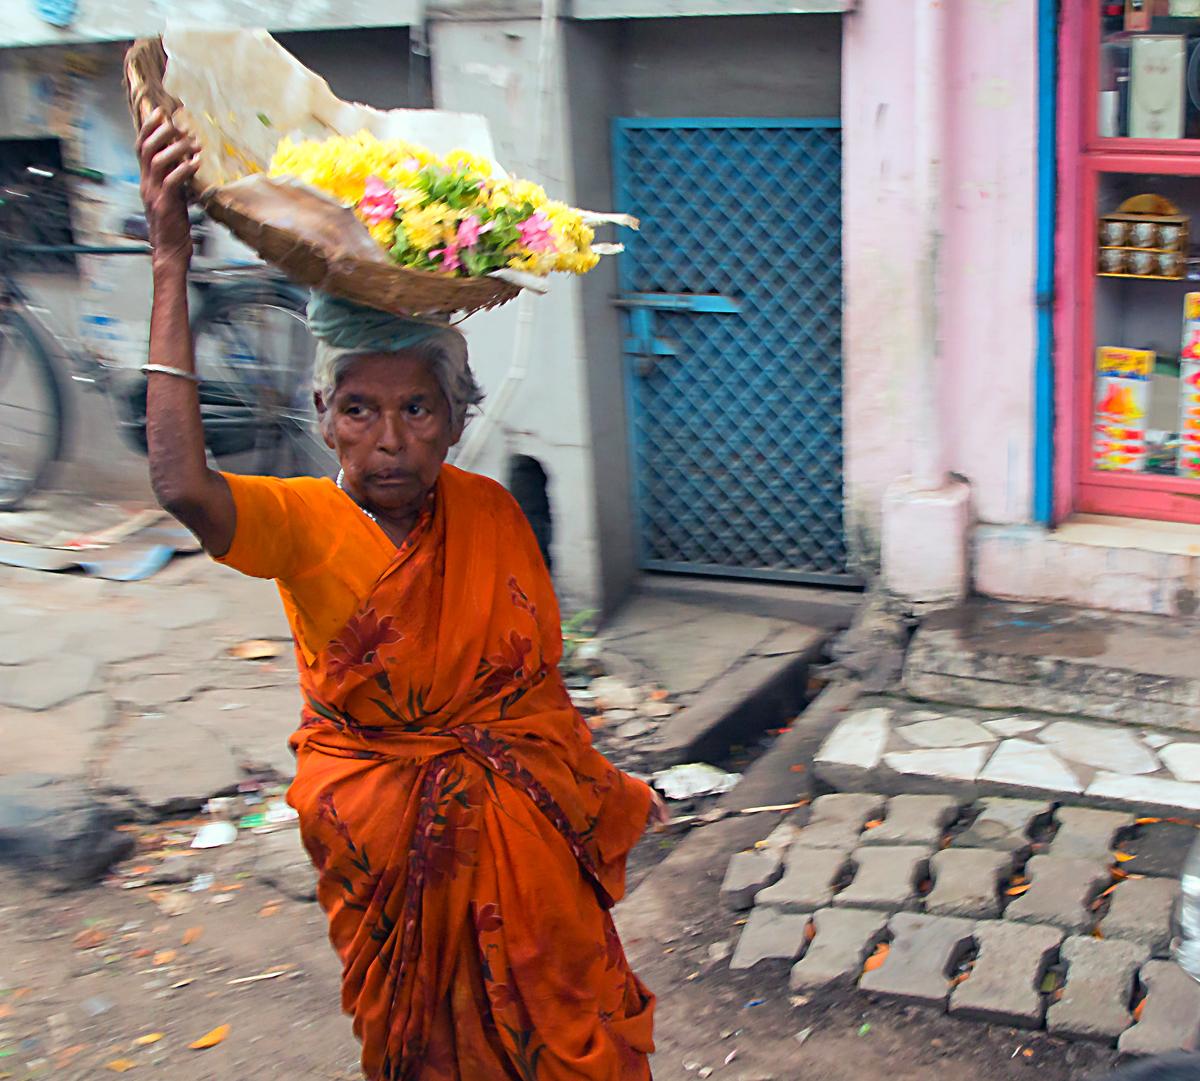 INDIEN Chennai Menschen Tempel FINEST-onTour 7271.jpg